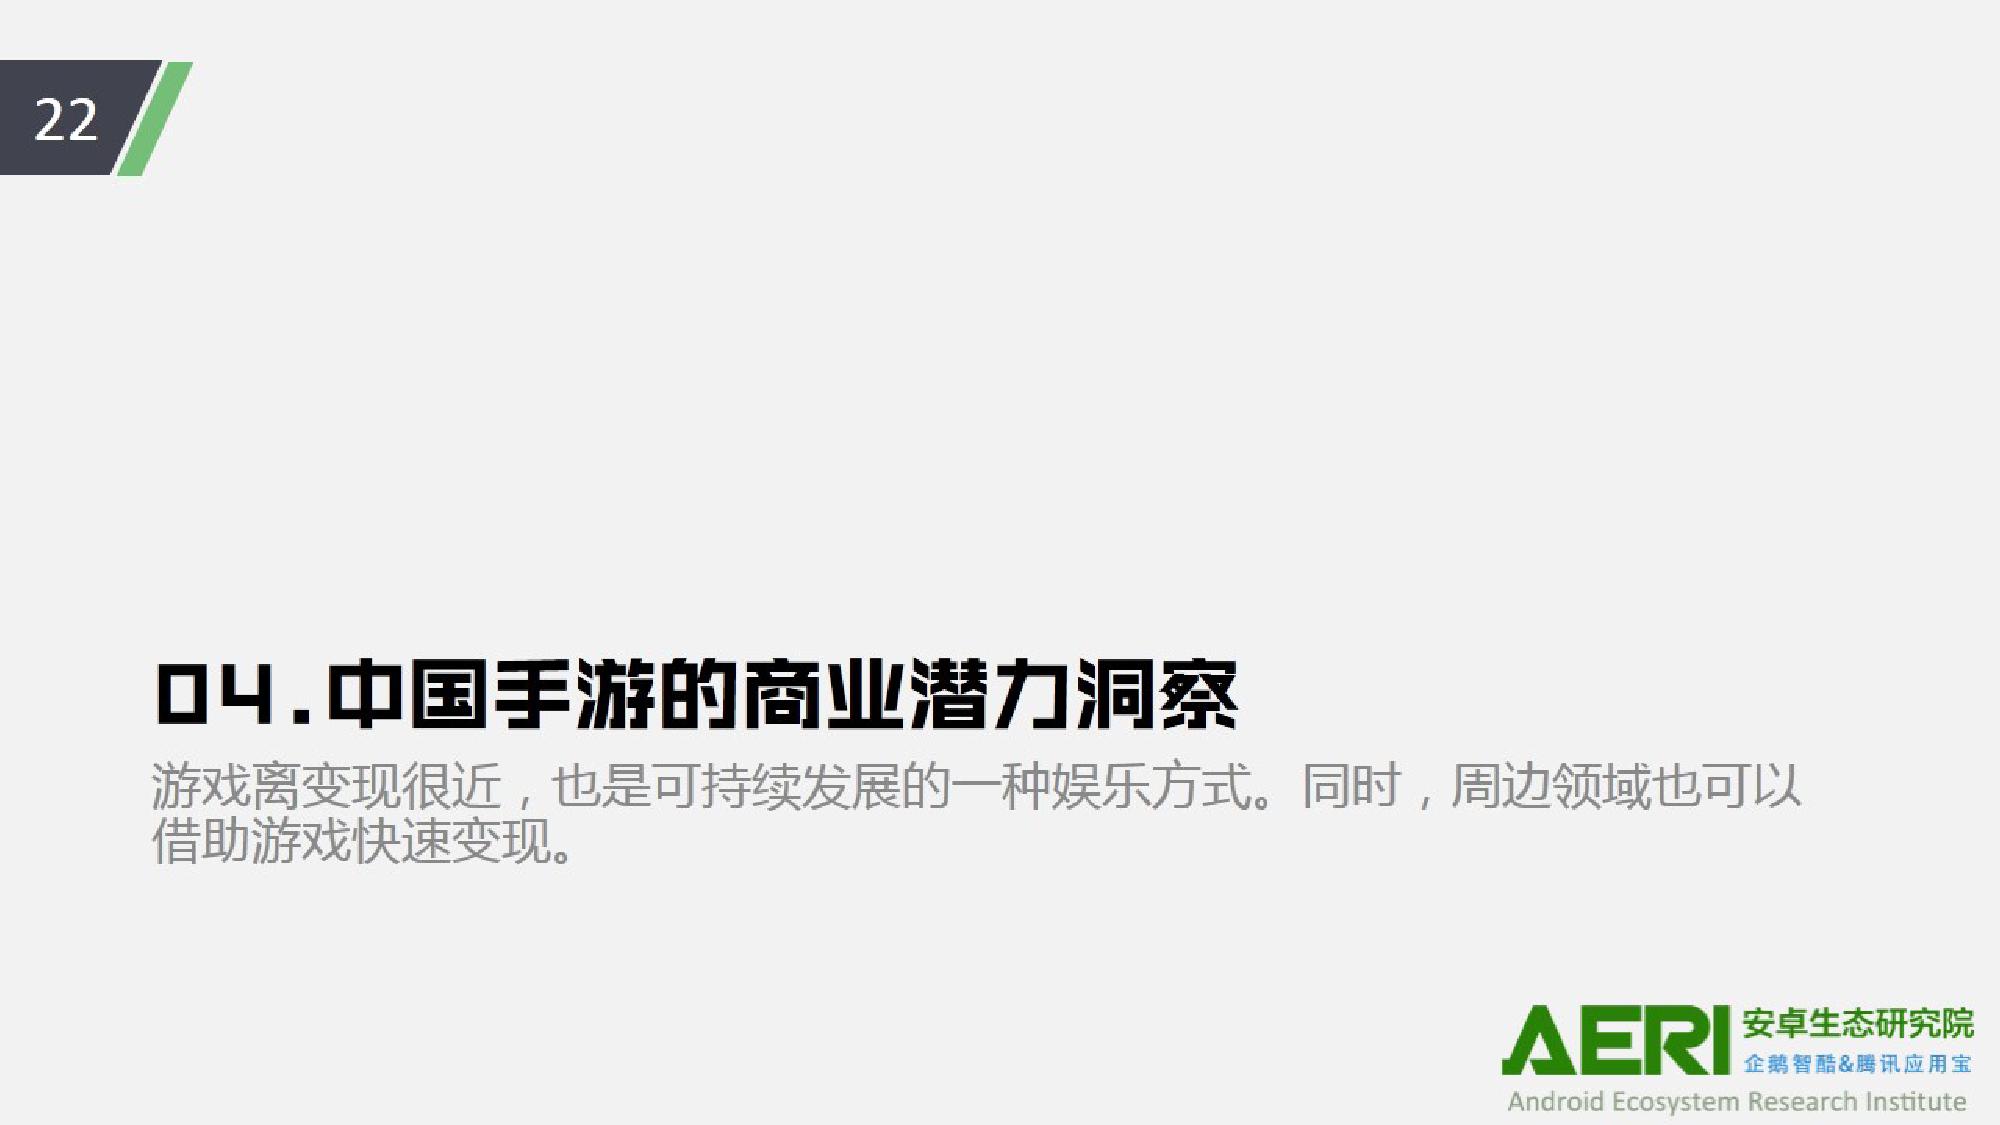 中国手游行业2016大数据报告_000023